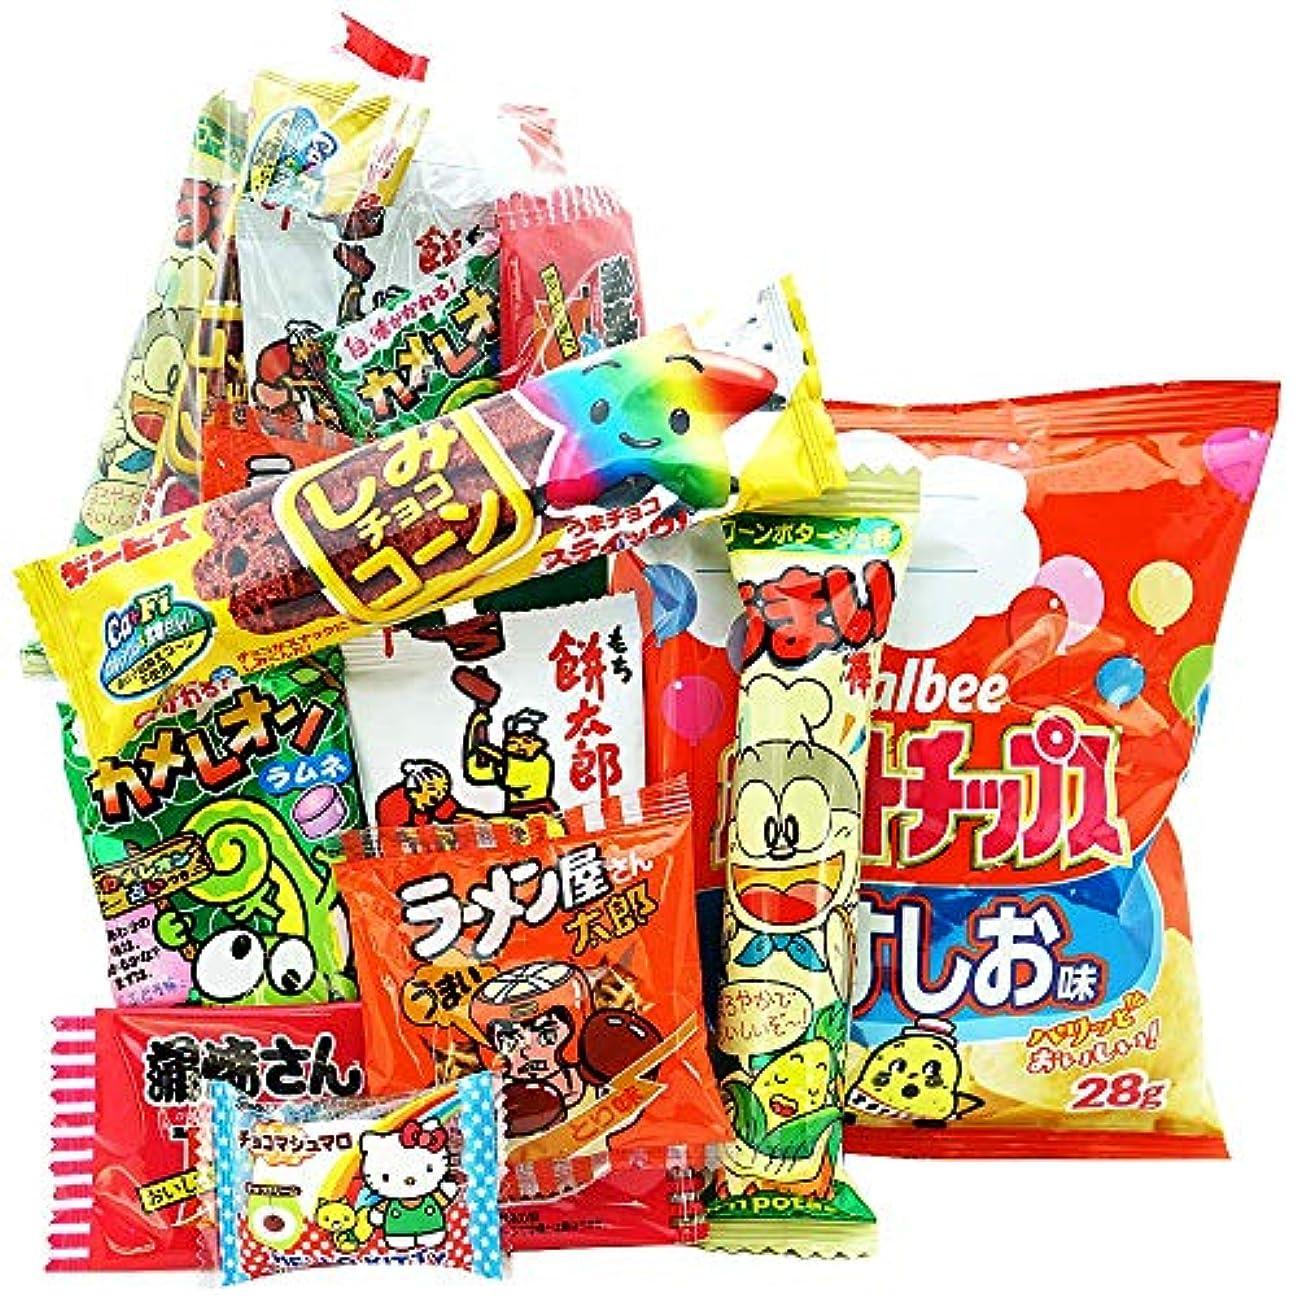 いつも大胆満足できる200円 お菓子 袋 詰め合わせ セットA 河中堂【 全国、数量関係なく2個口以上でも追加の 送料無料 】